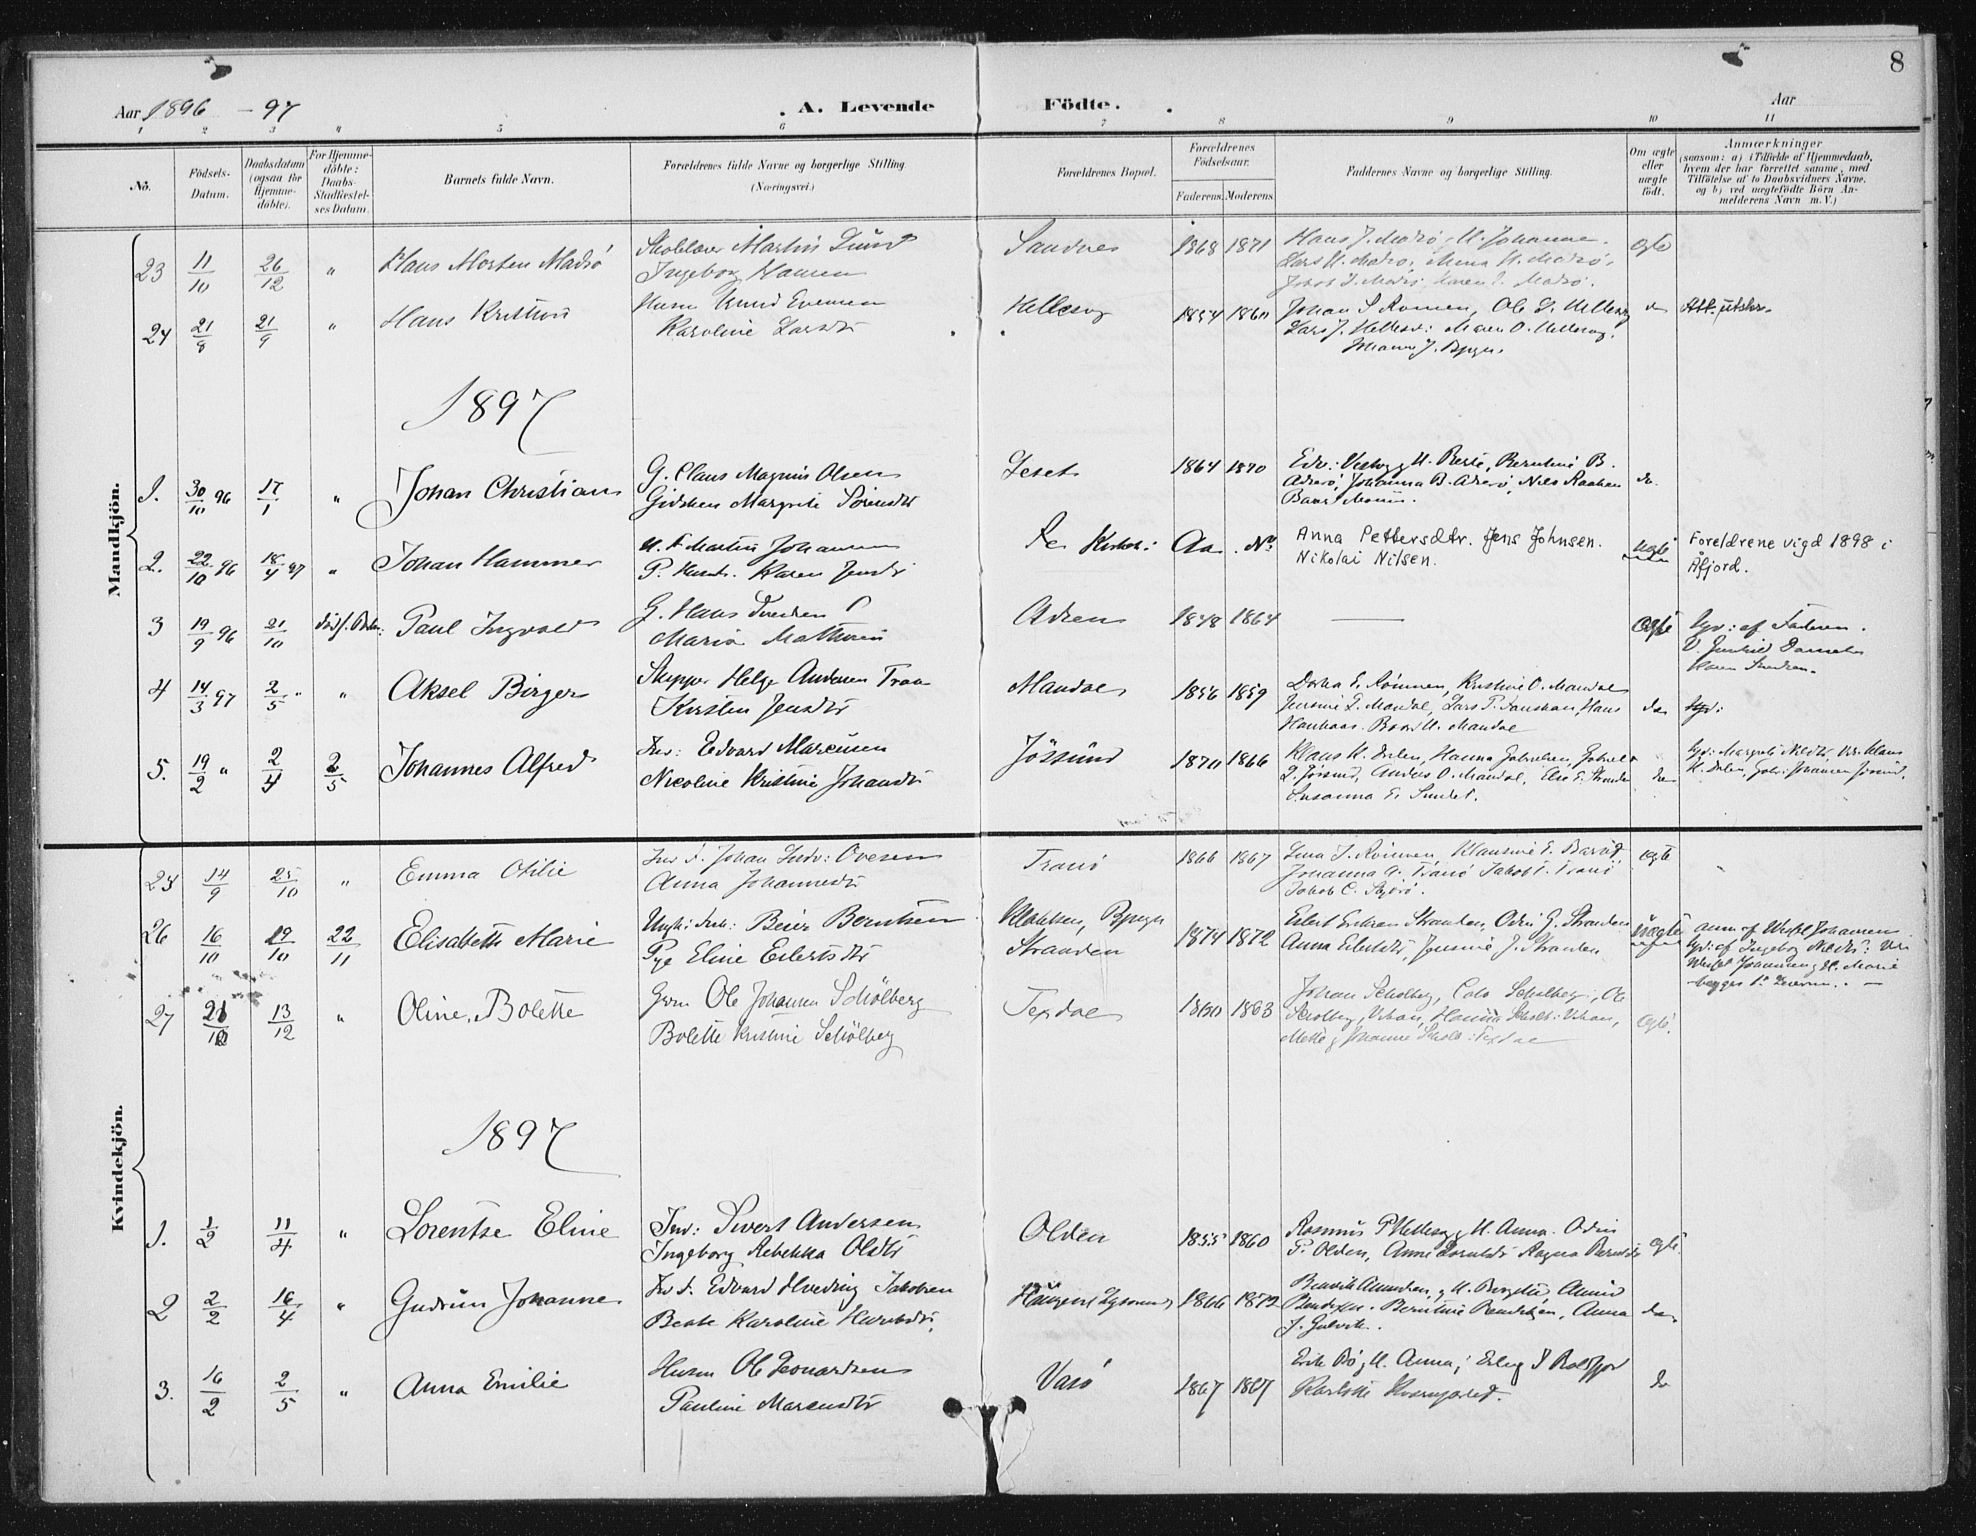 SAT, Ministerialprotokoller, klokkerbøker og fødselsregistre - Sør-Trøndelag, 654/L0664: Ministerialbok nr. 654A02, 1895-1907, s. 8